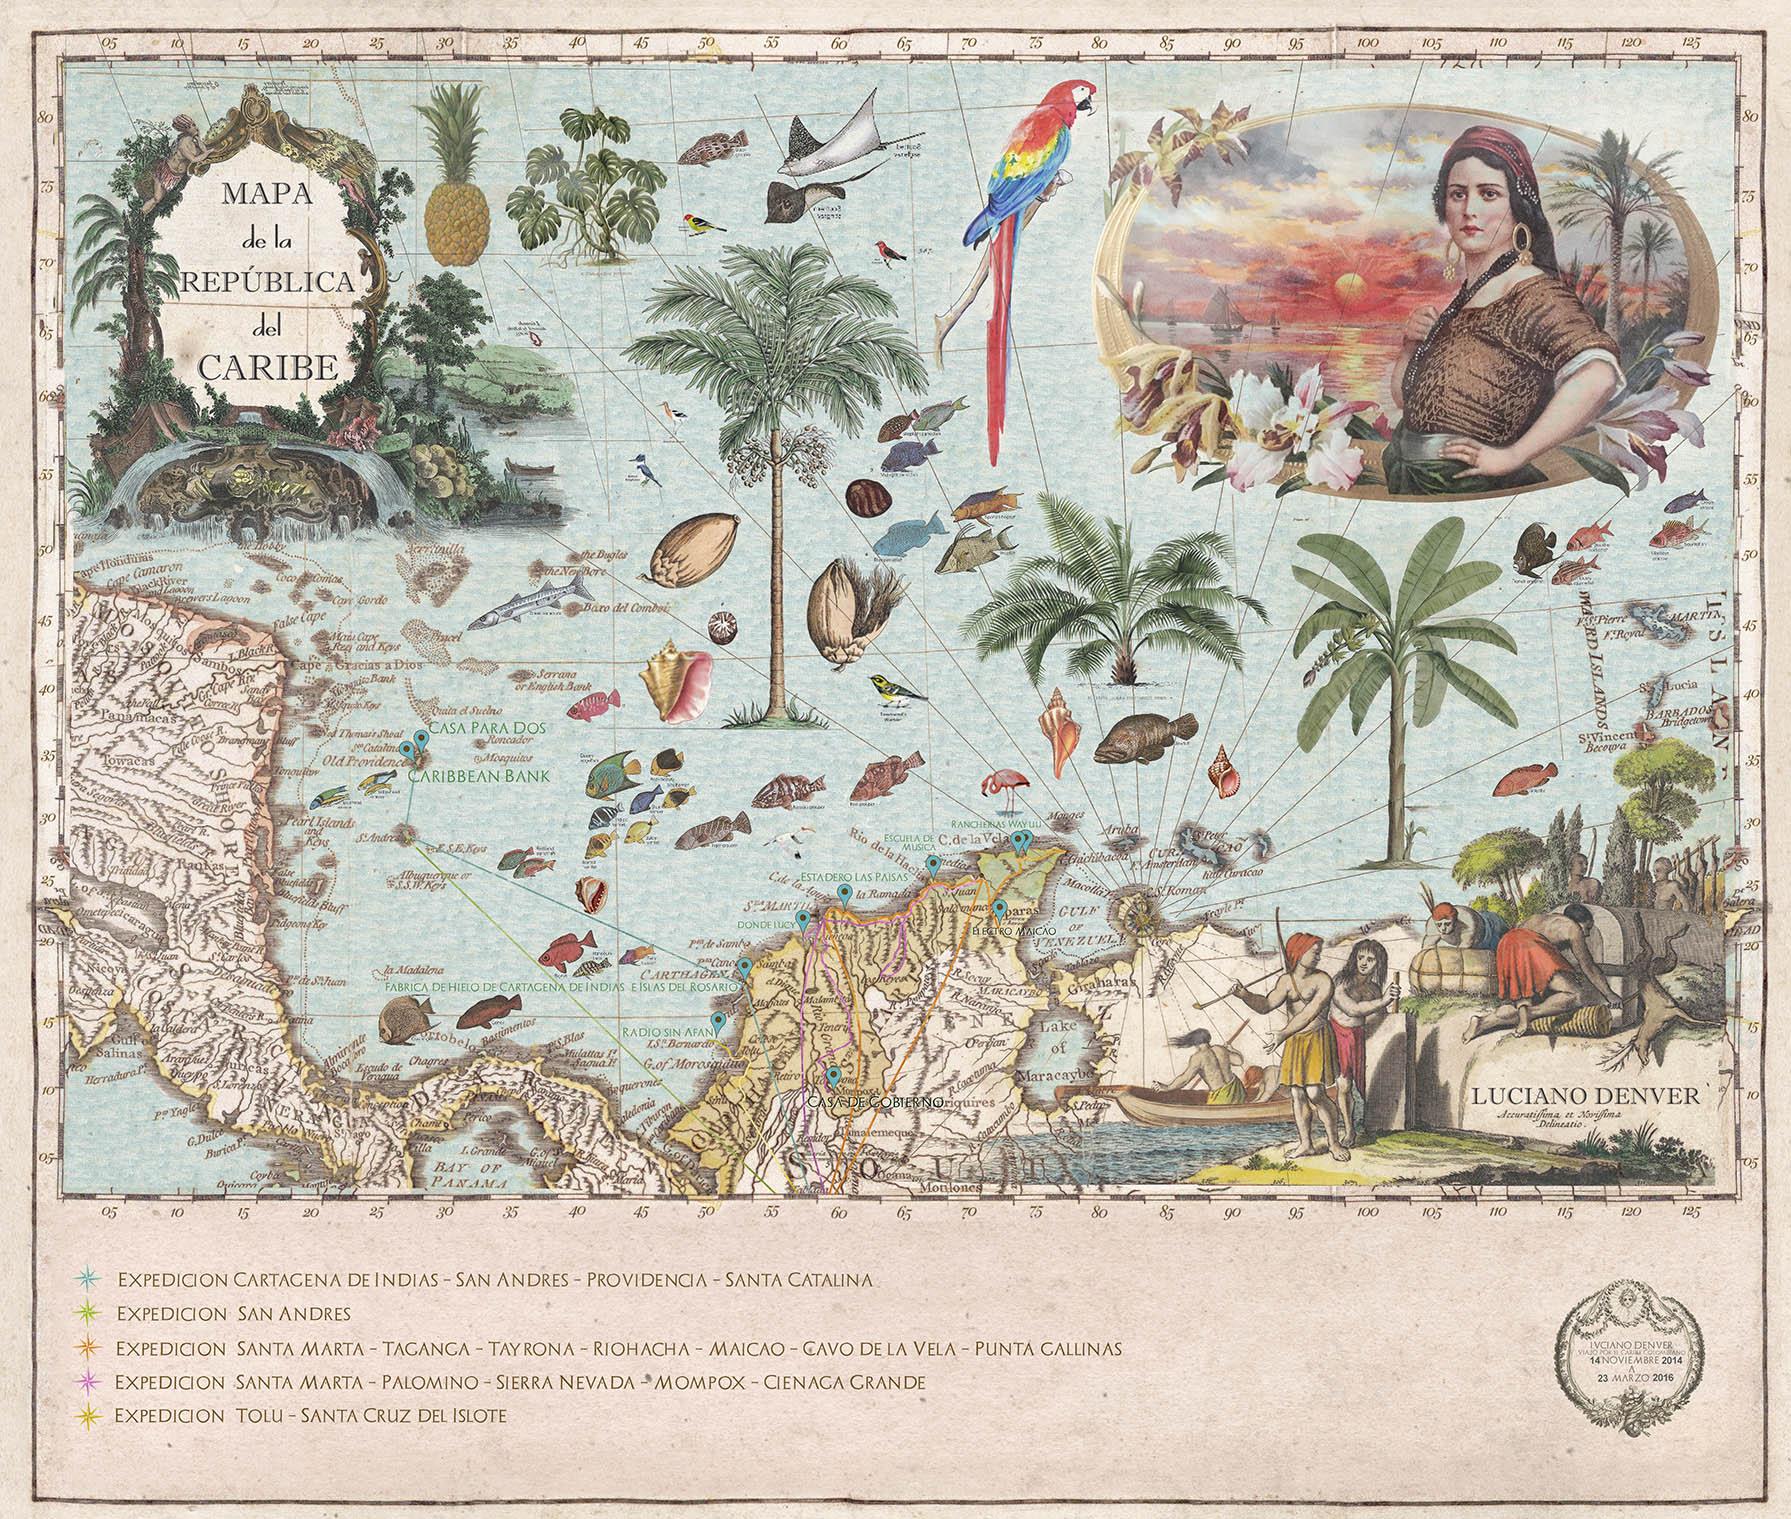 Mapa de la República del Caribe, 2016